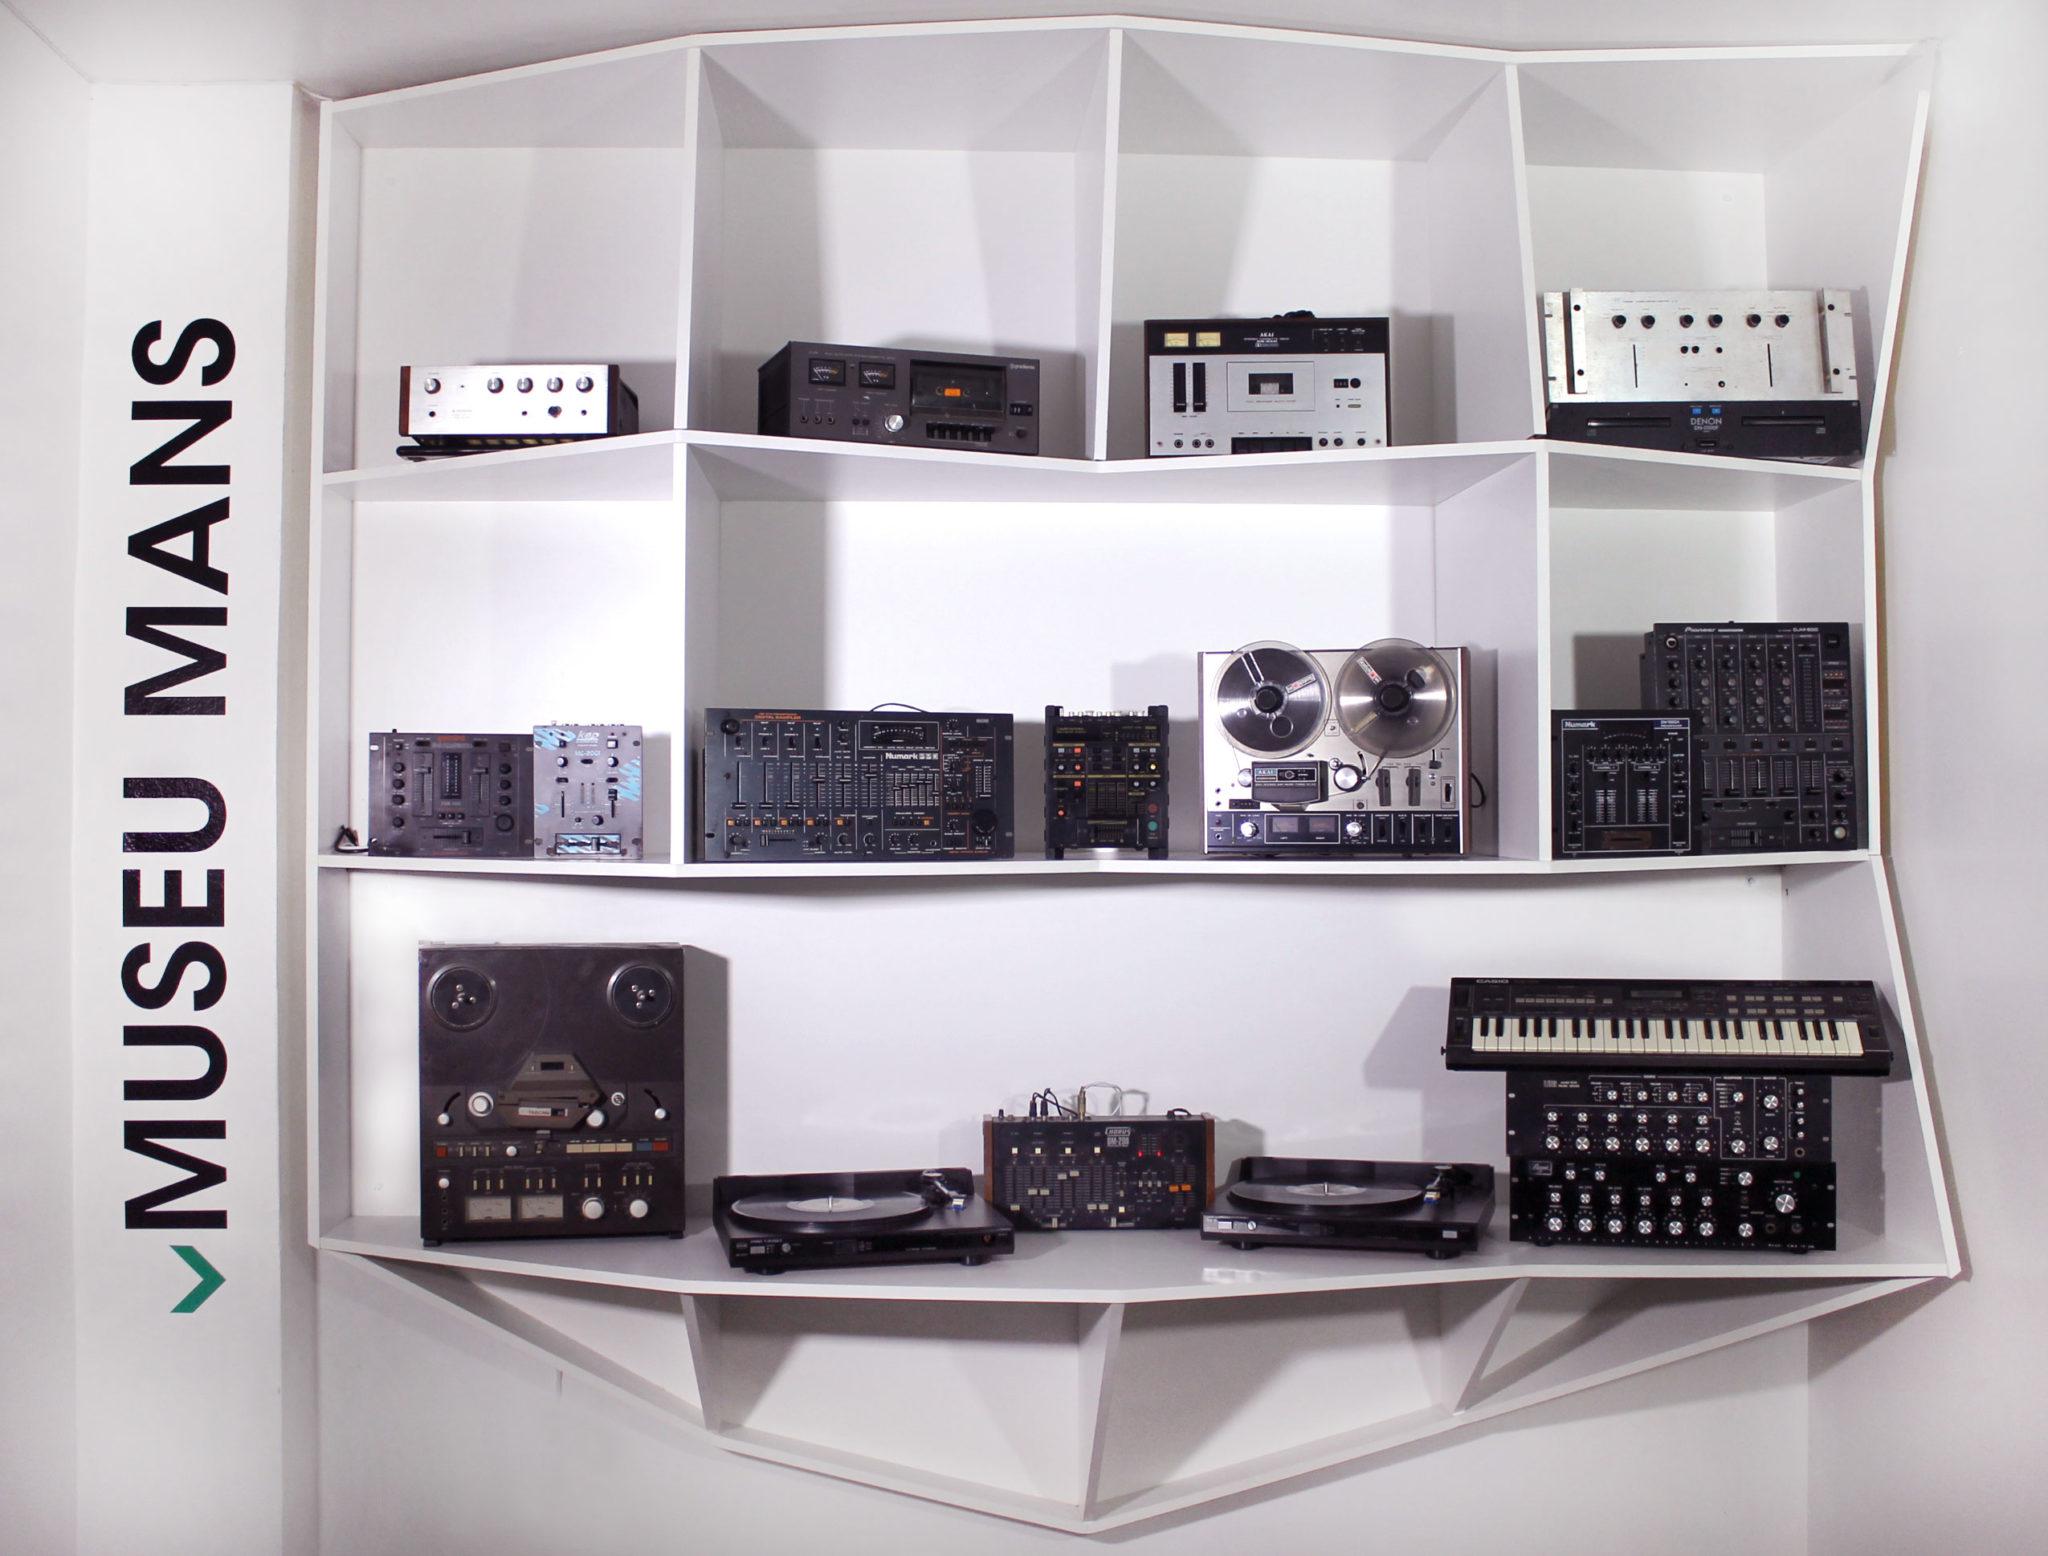 2º Mês da Música Eletrônica: Conheça as relíquias do Museu Mans DJ, dj gregao, Gravador de Rolo AKAI 4000DS, mês da música eletrônica, Mixer Bozak CMA-10-2DL, Mixer Gemini MX2200, Mixer Numark DM1975, Mixer Pioneer DJM500, museu mans, música eletrônica, relíquias